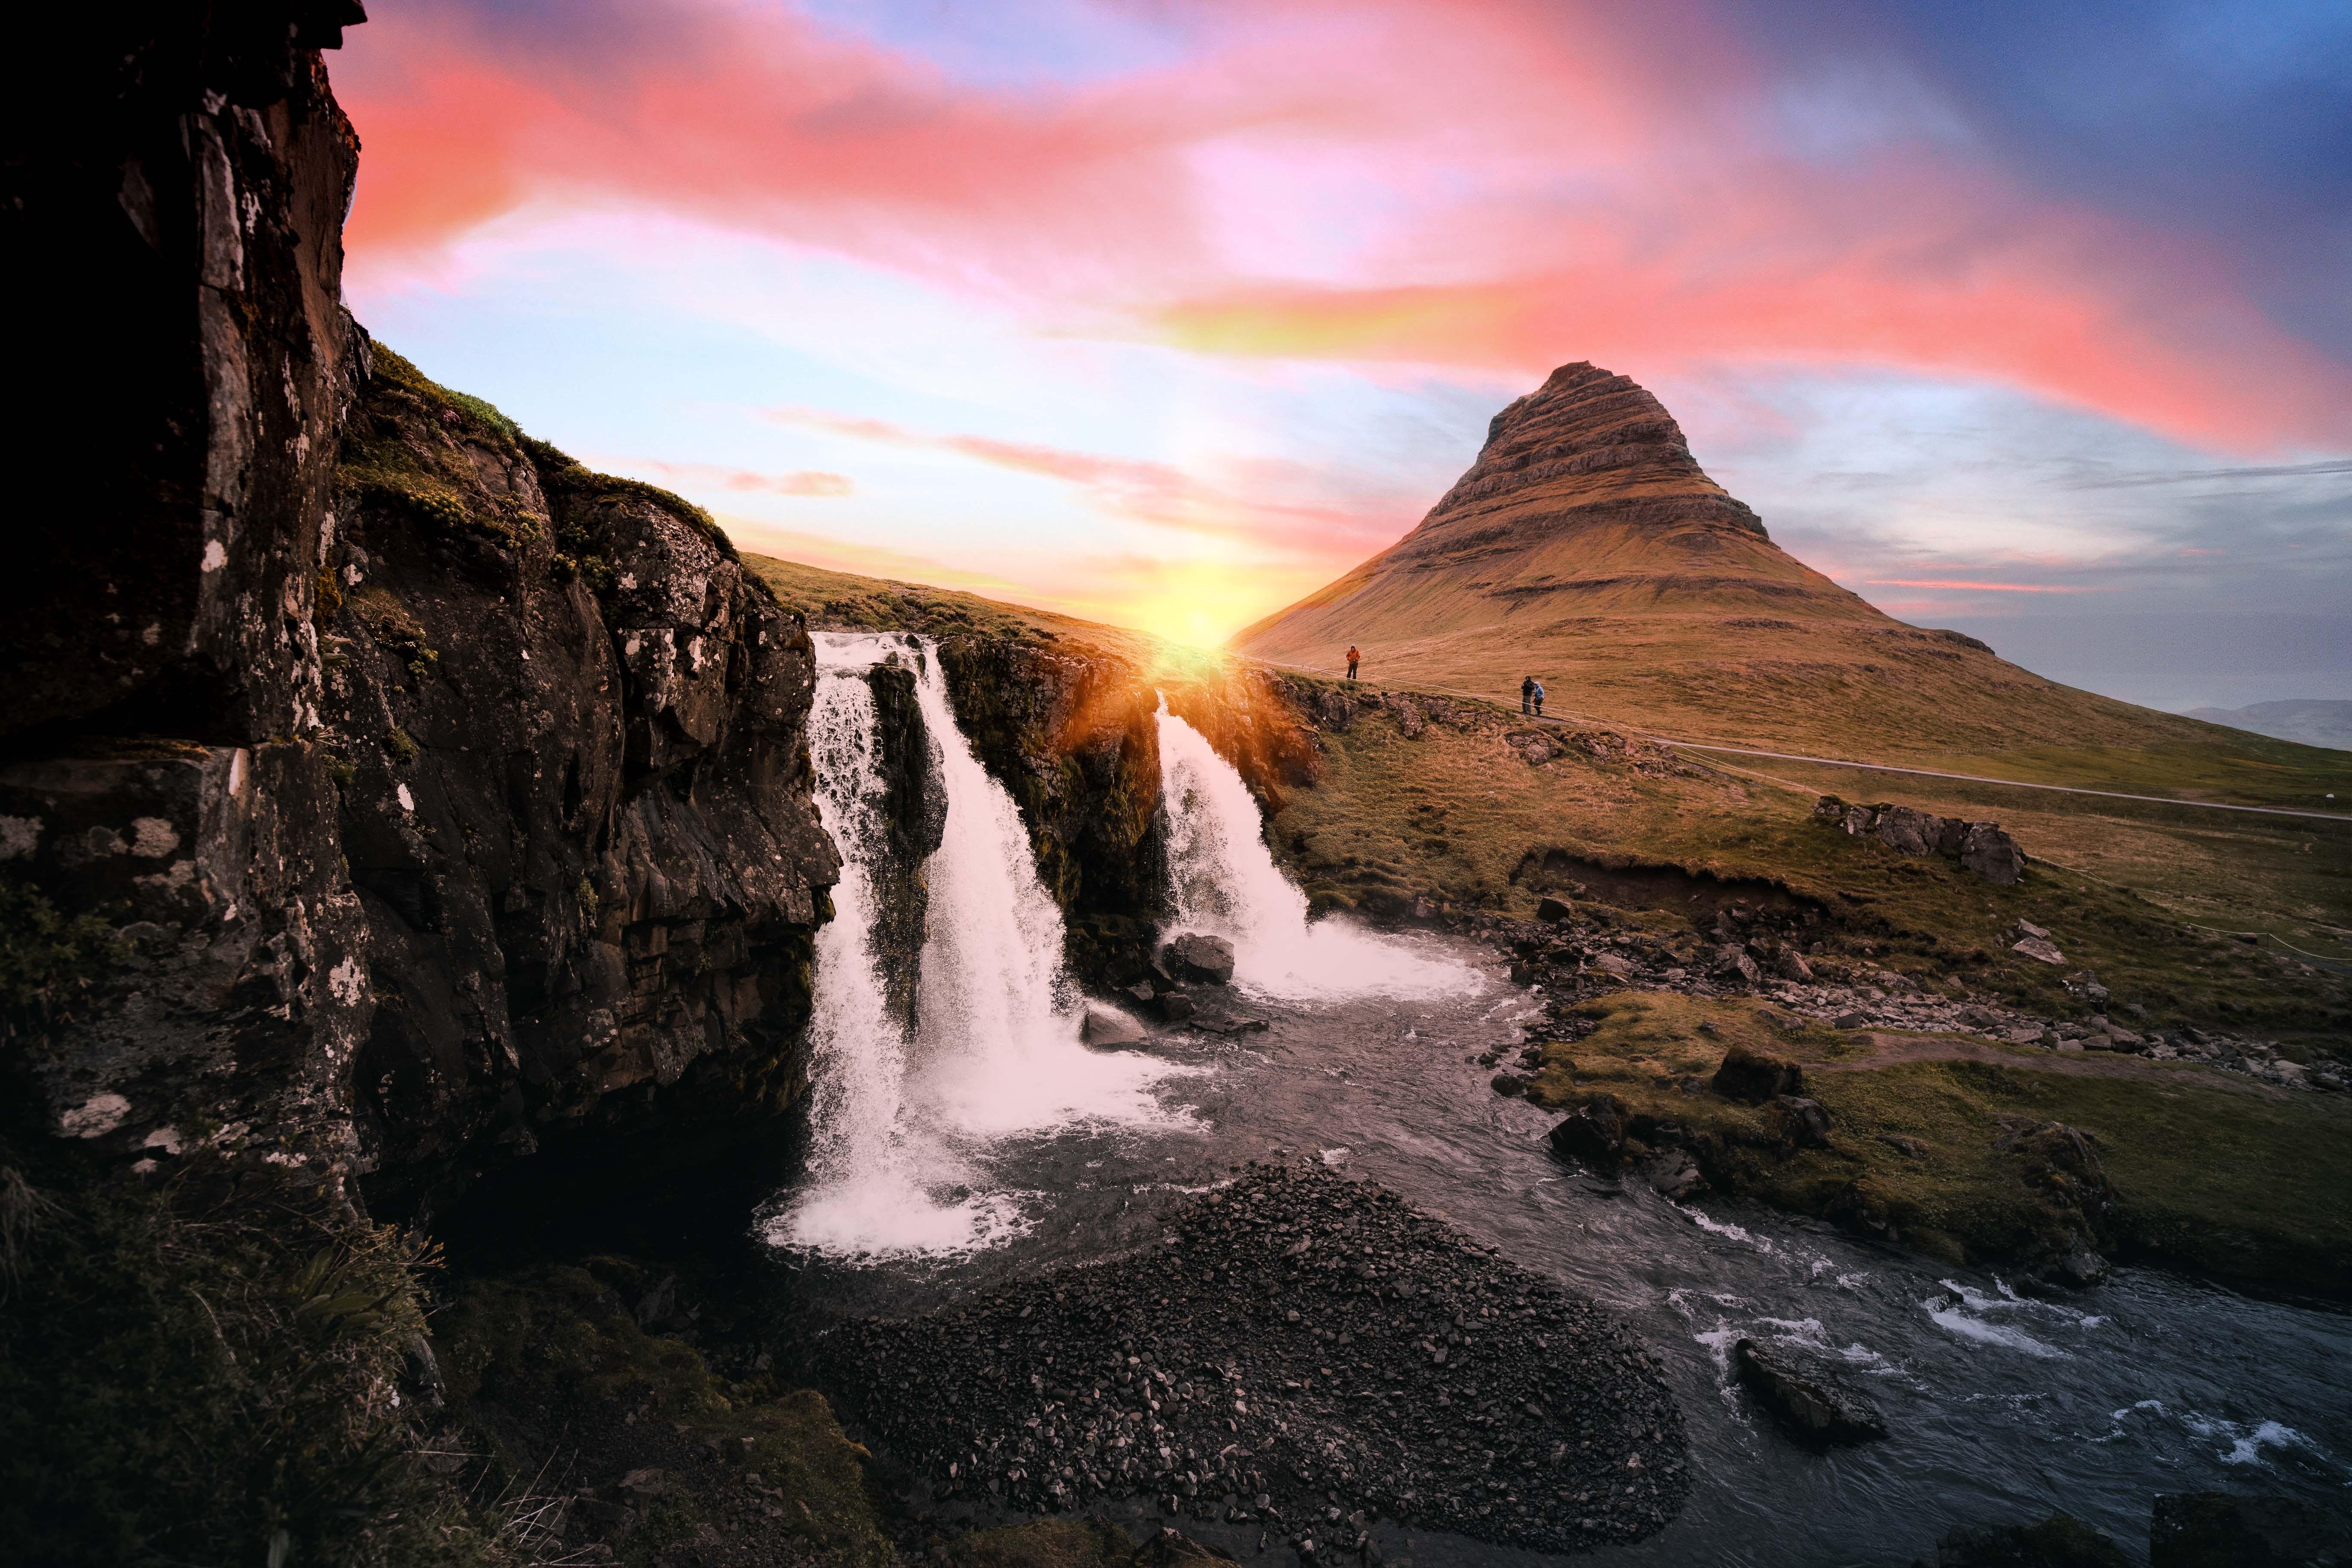 Водопад Киркьюфелльсфосс и вид на гору Киркьюфетль при закатном солнце